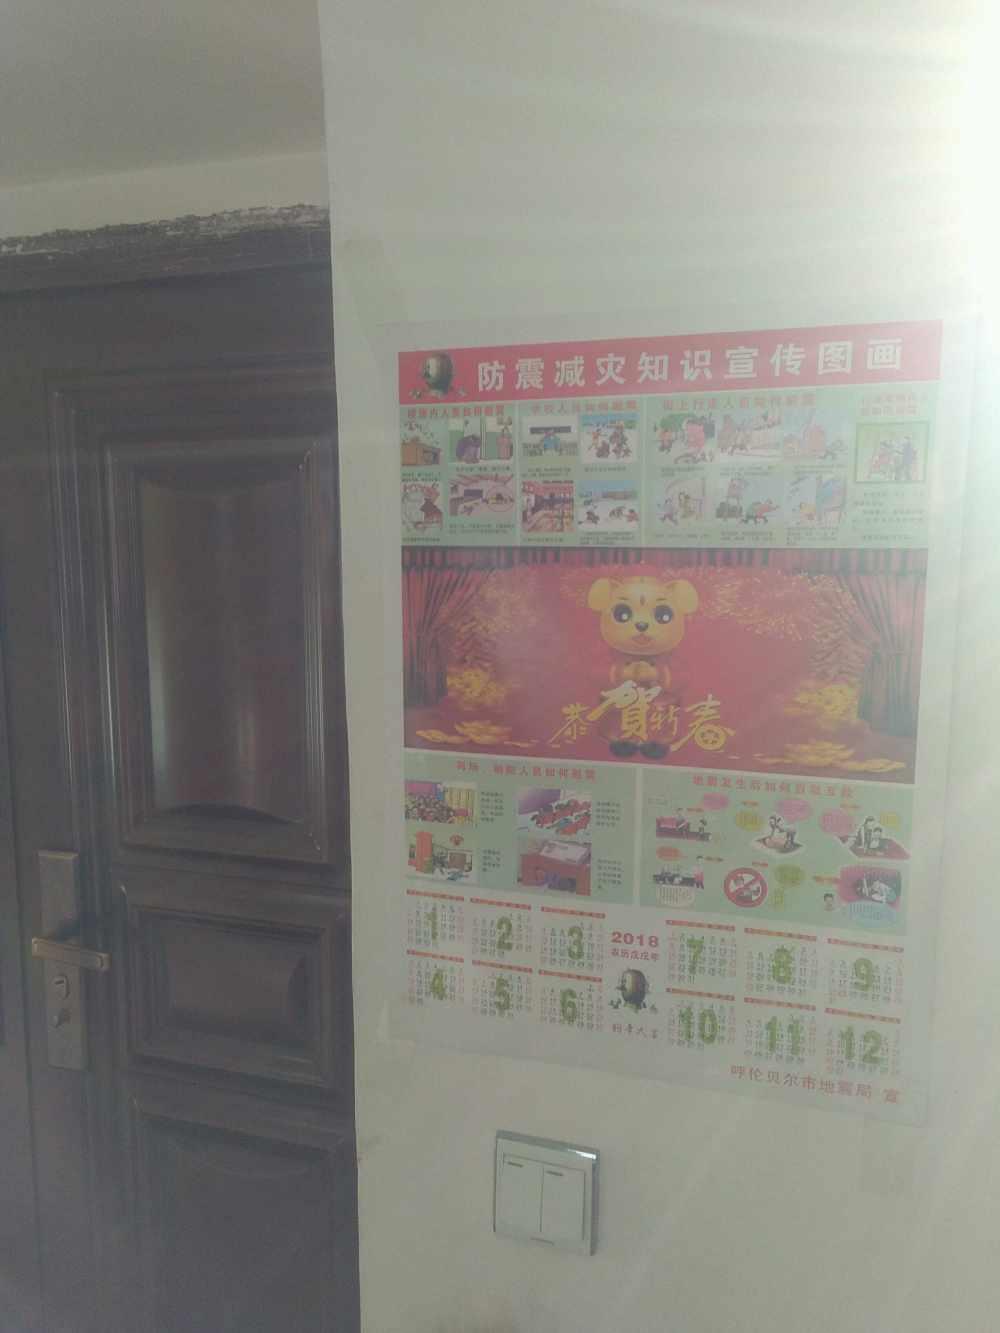 诺敏河村宣传防震减灾知识宣传图画